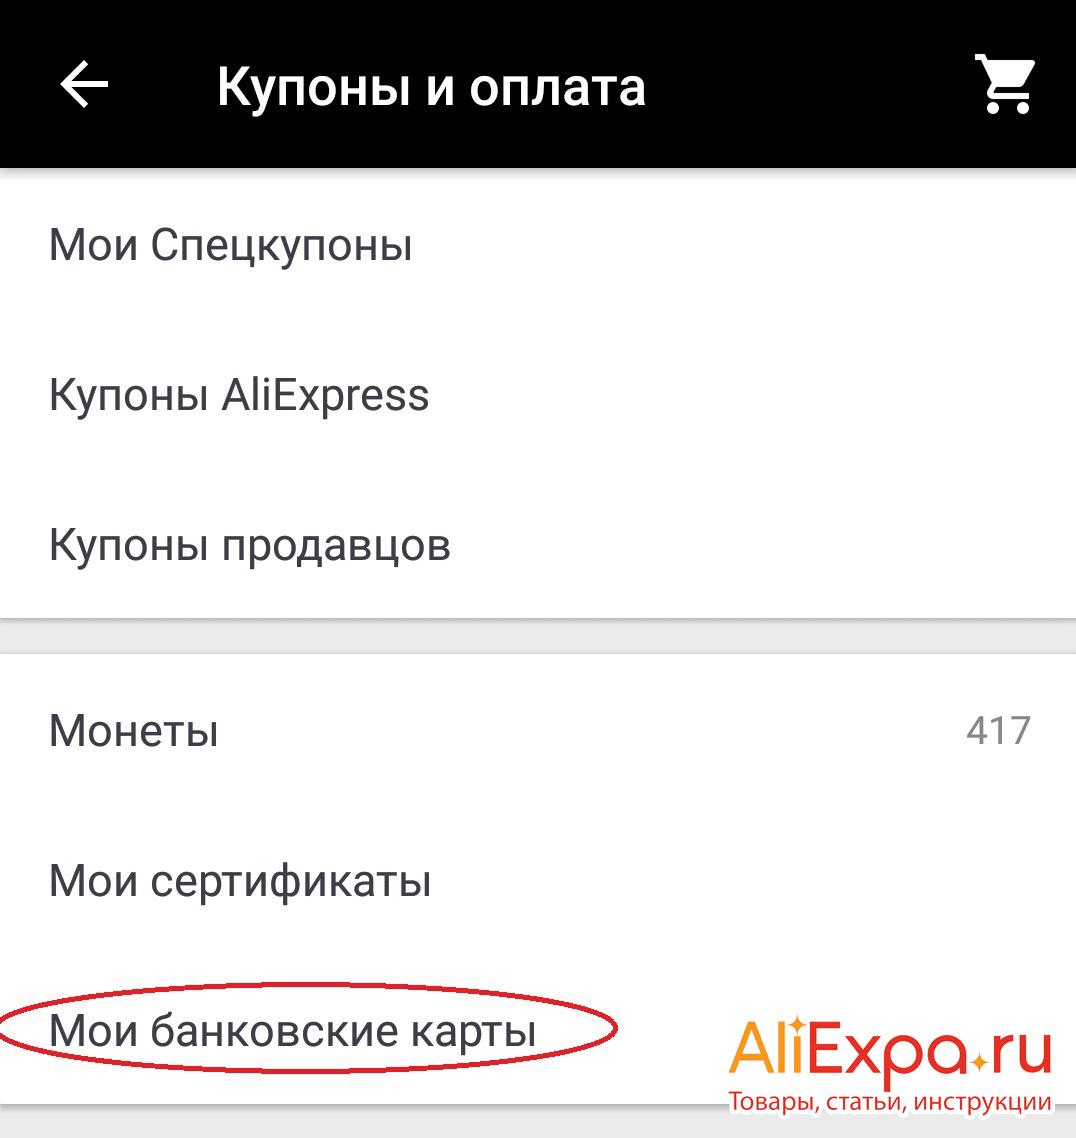 Как удалить карту с Алиэкспресс в мобильном приложении